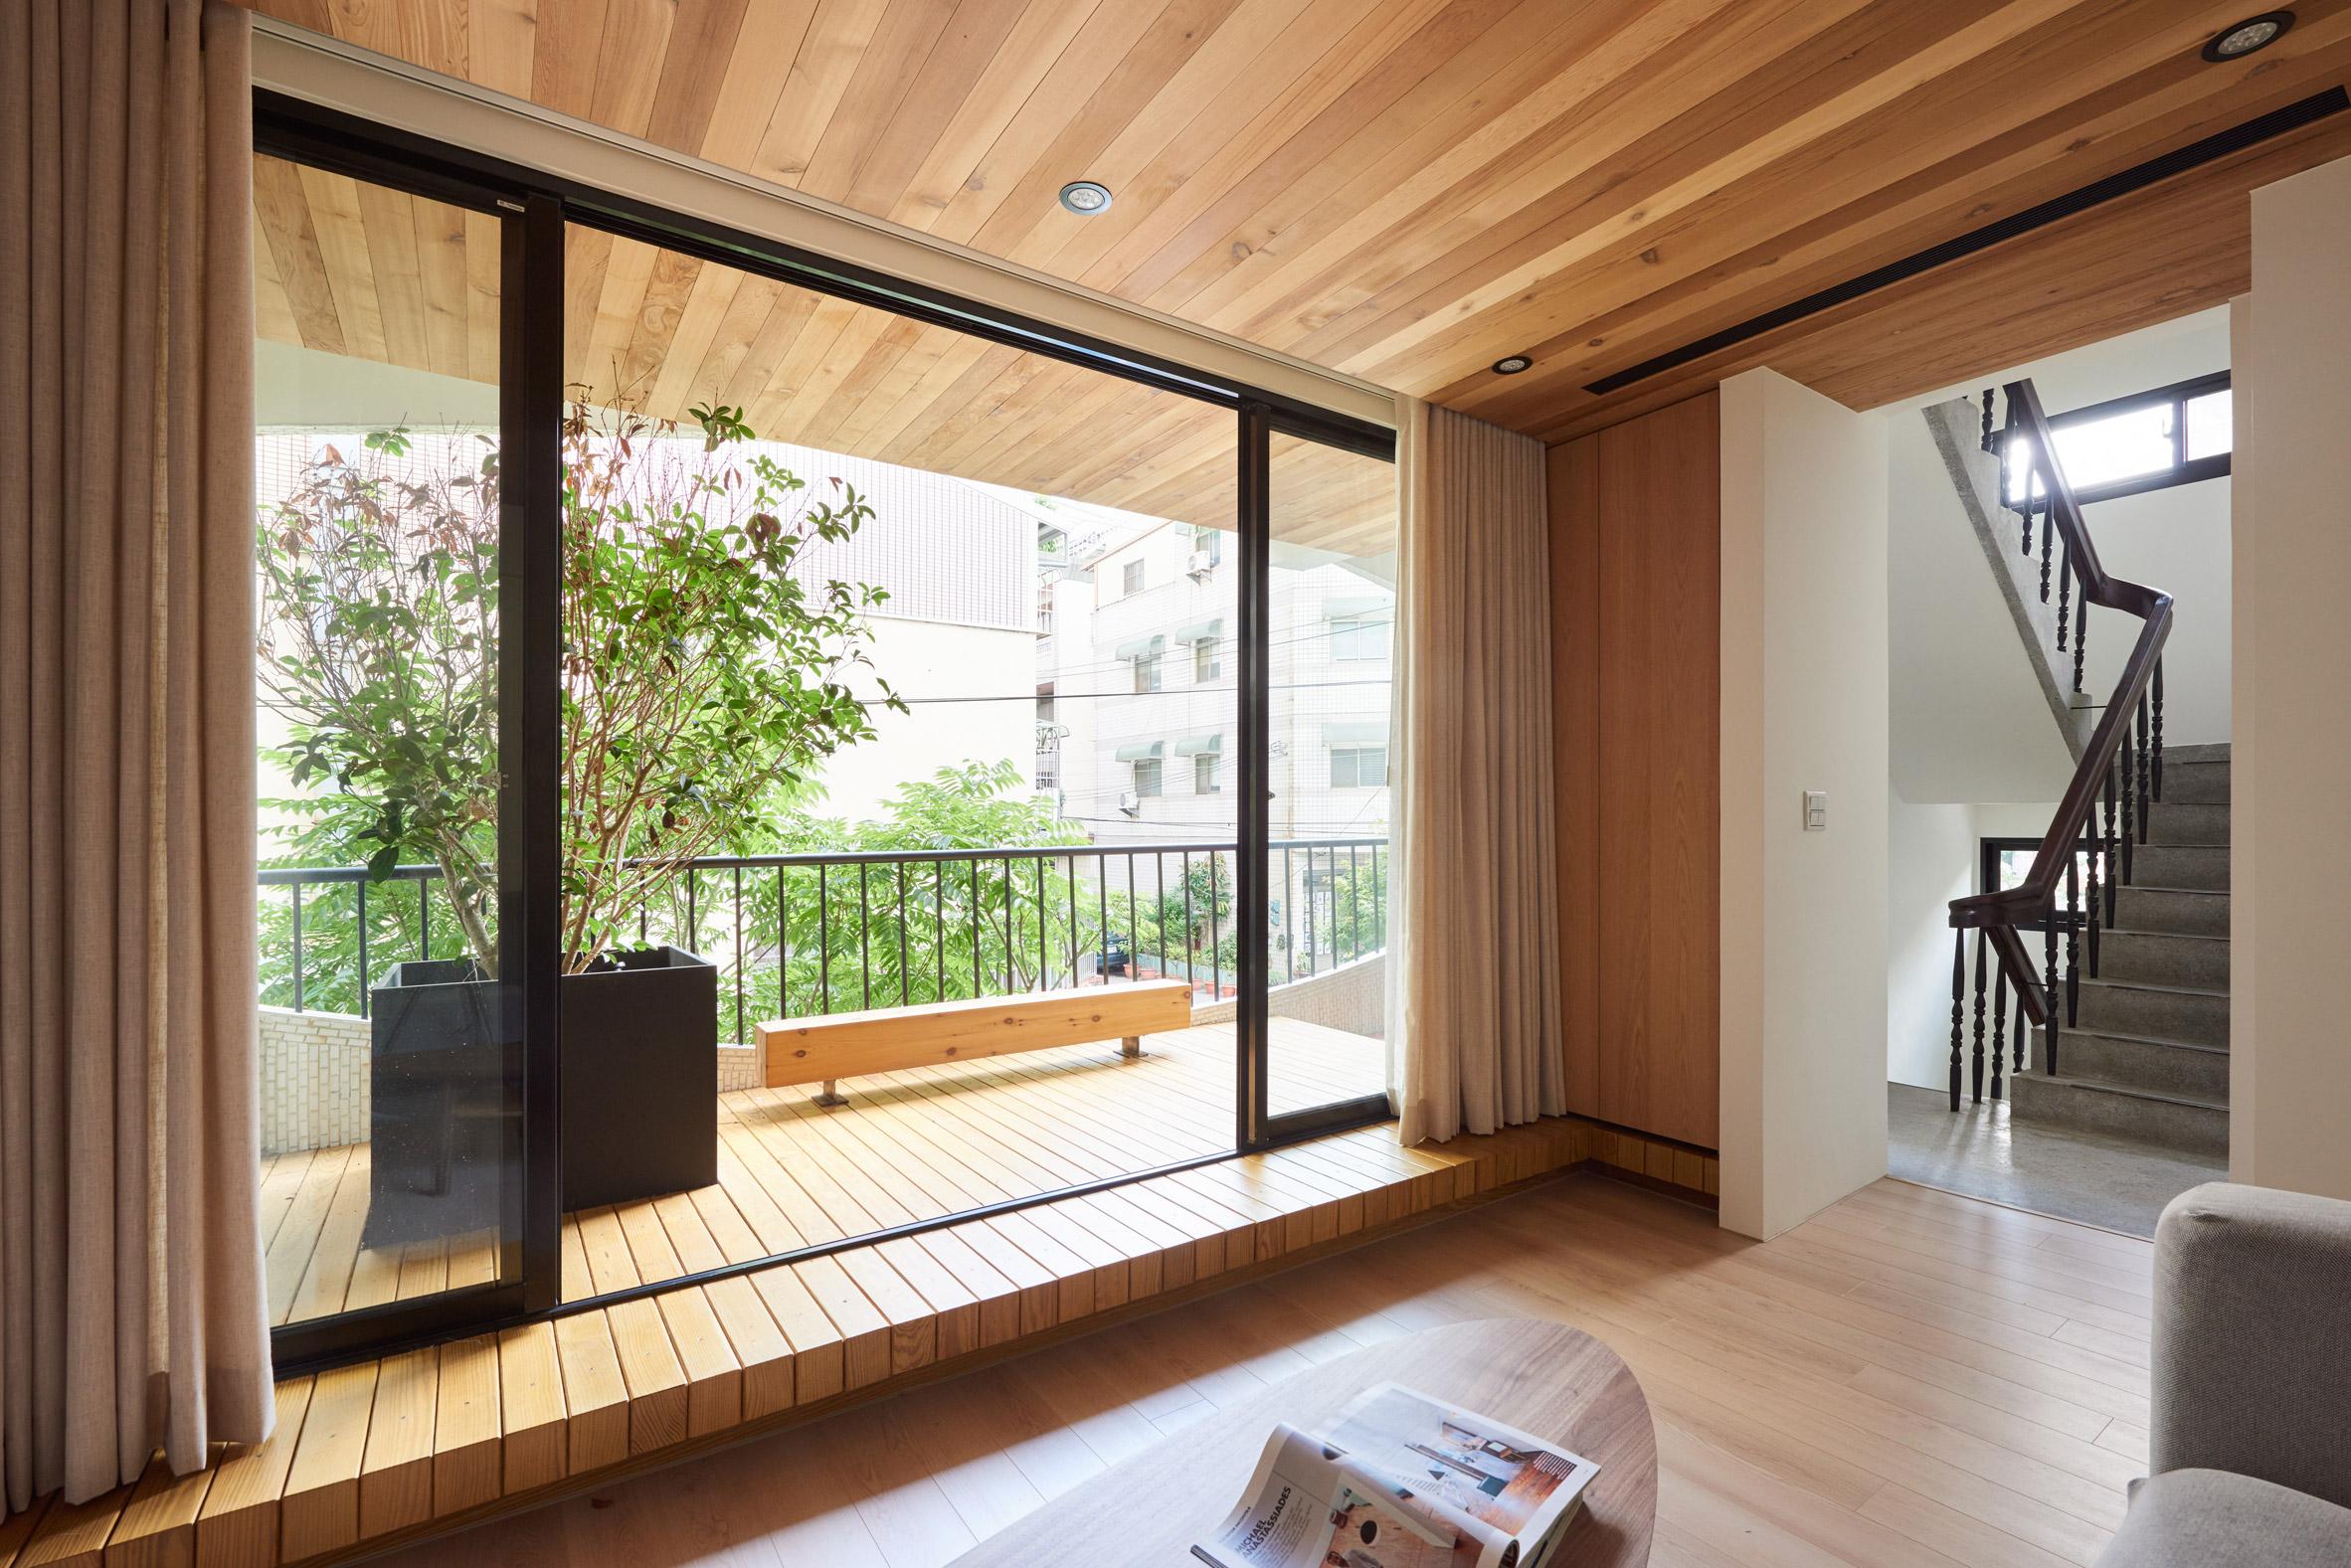 Mẫu nhà gỗ đẹp 19